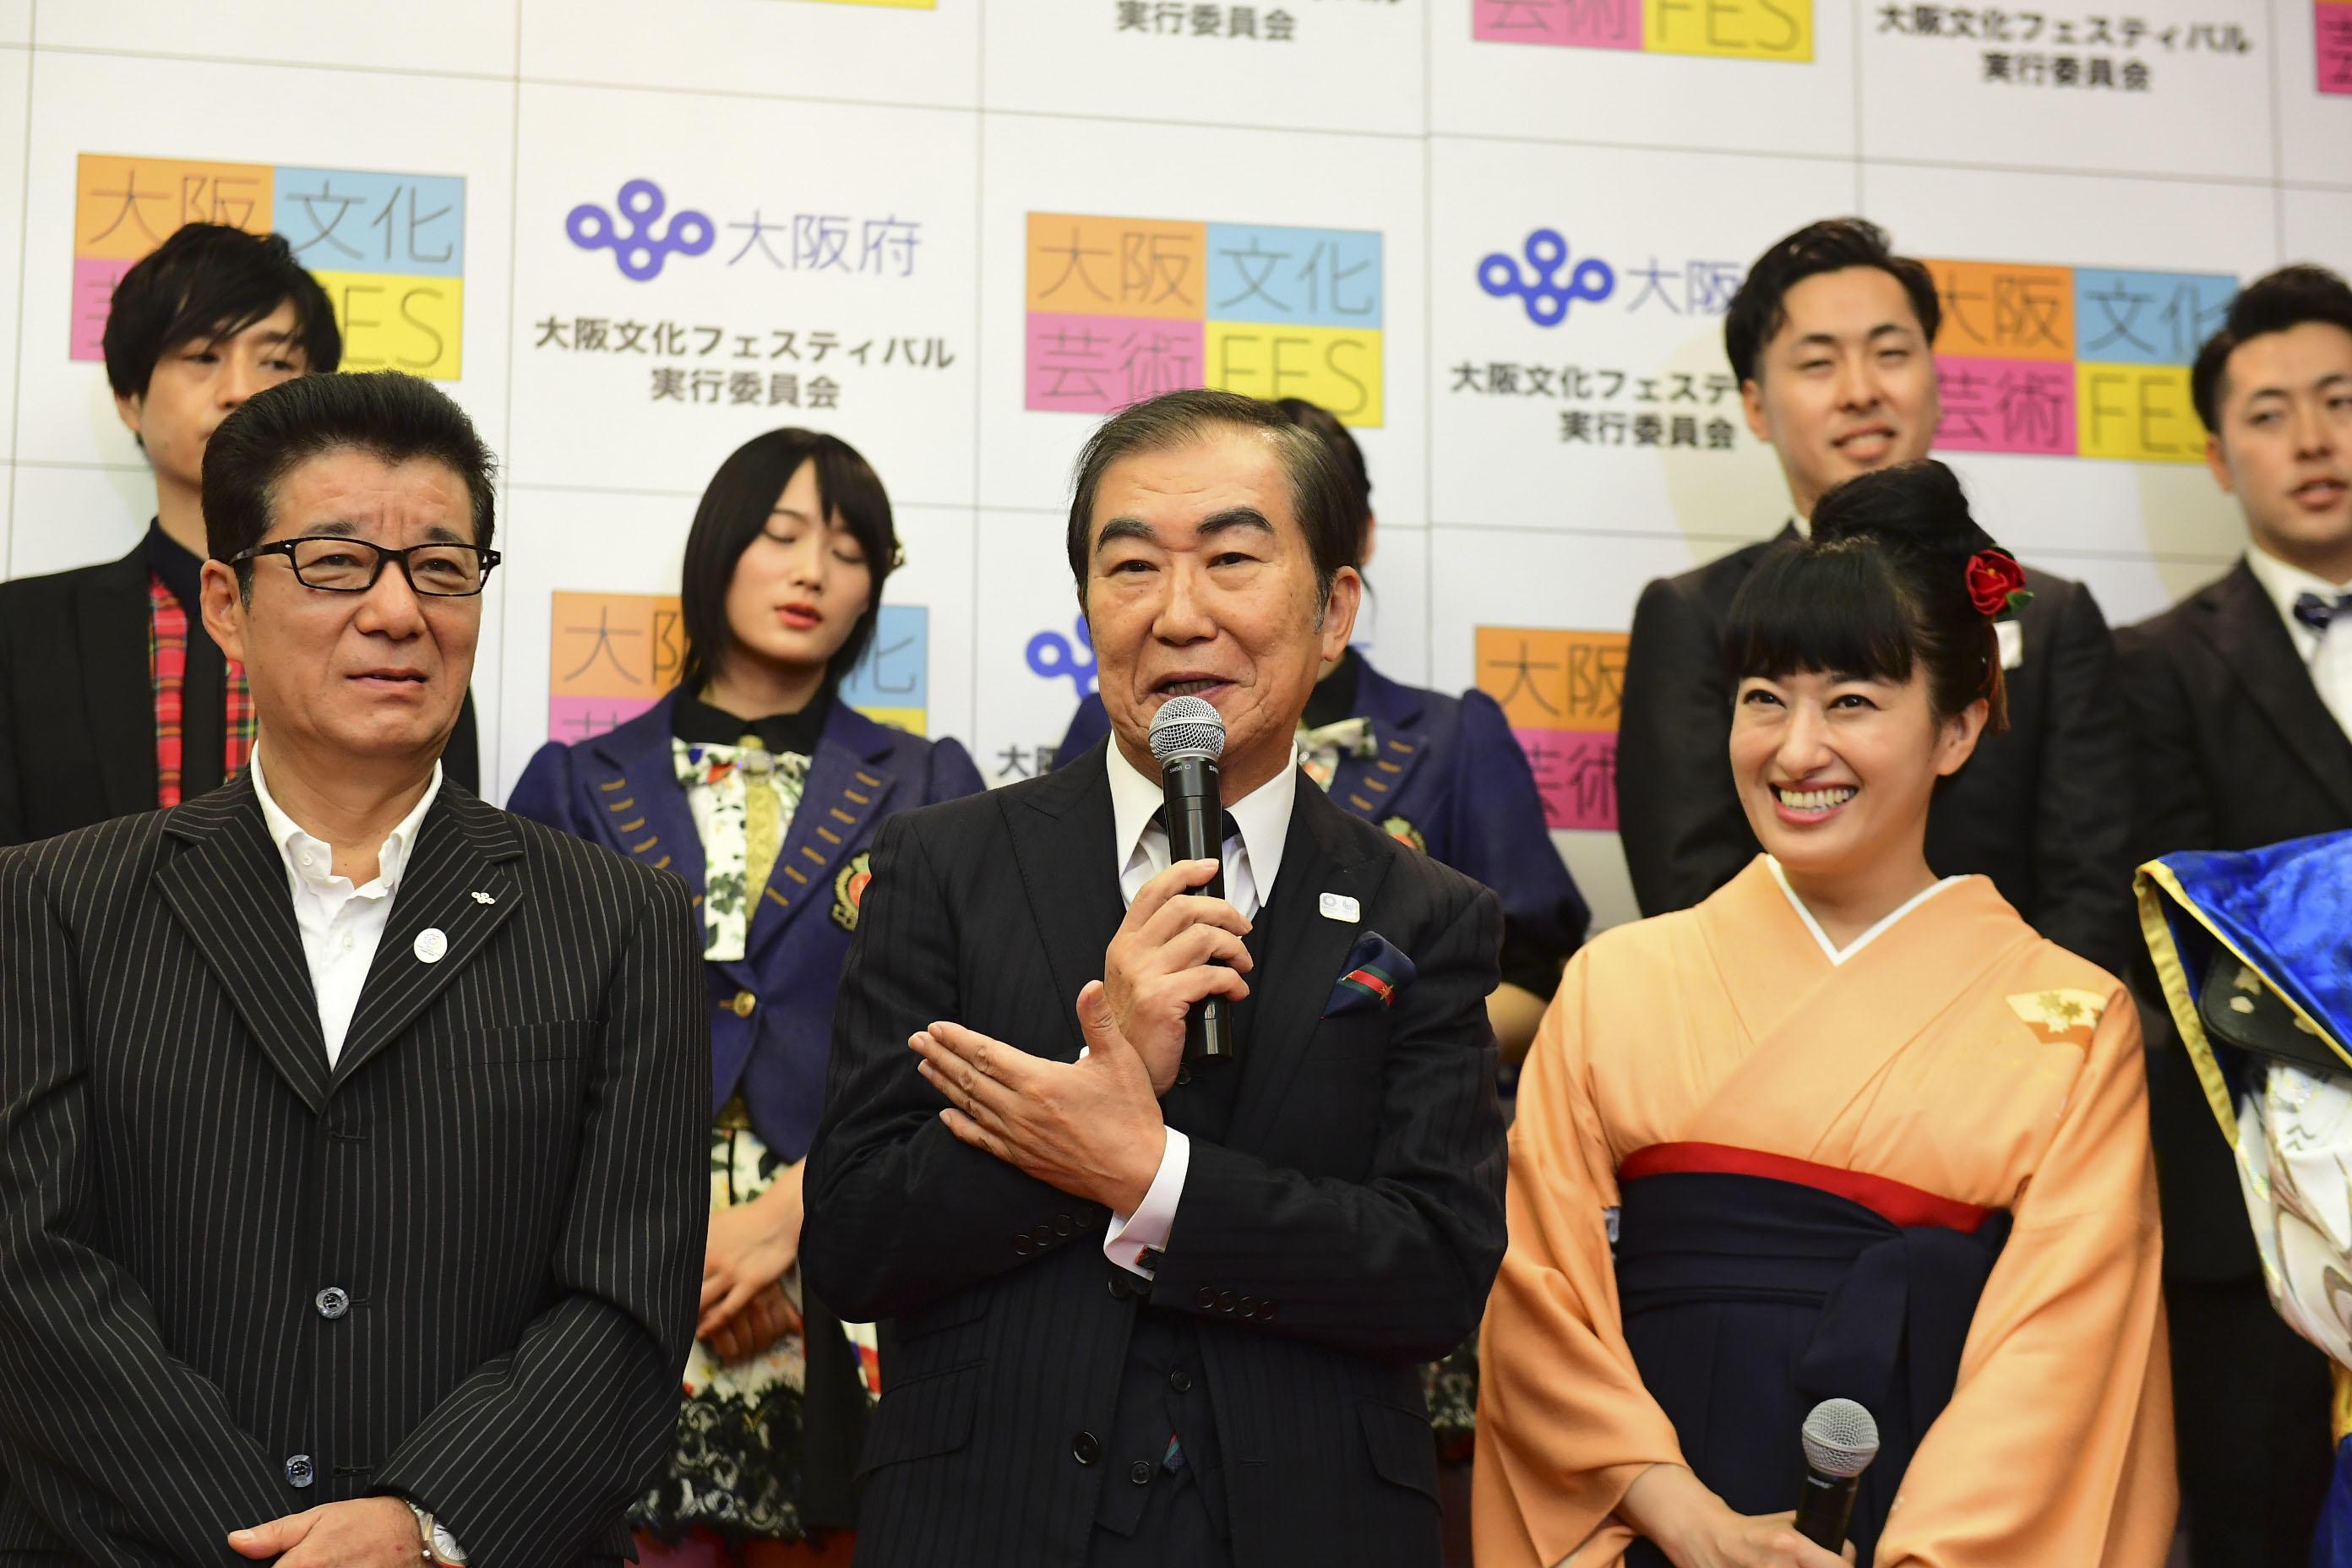 http://news.yoshimoto.co.jp/20170927102448-09481b820ba6b940e21f1b78304bb9f4392fd9ea.jpg